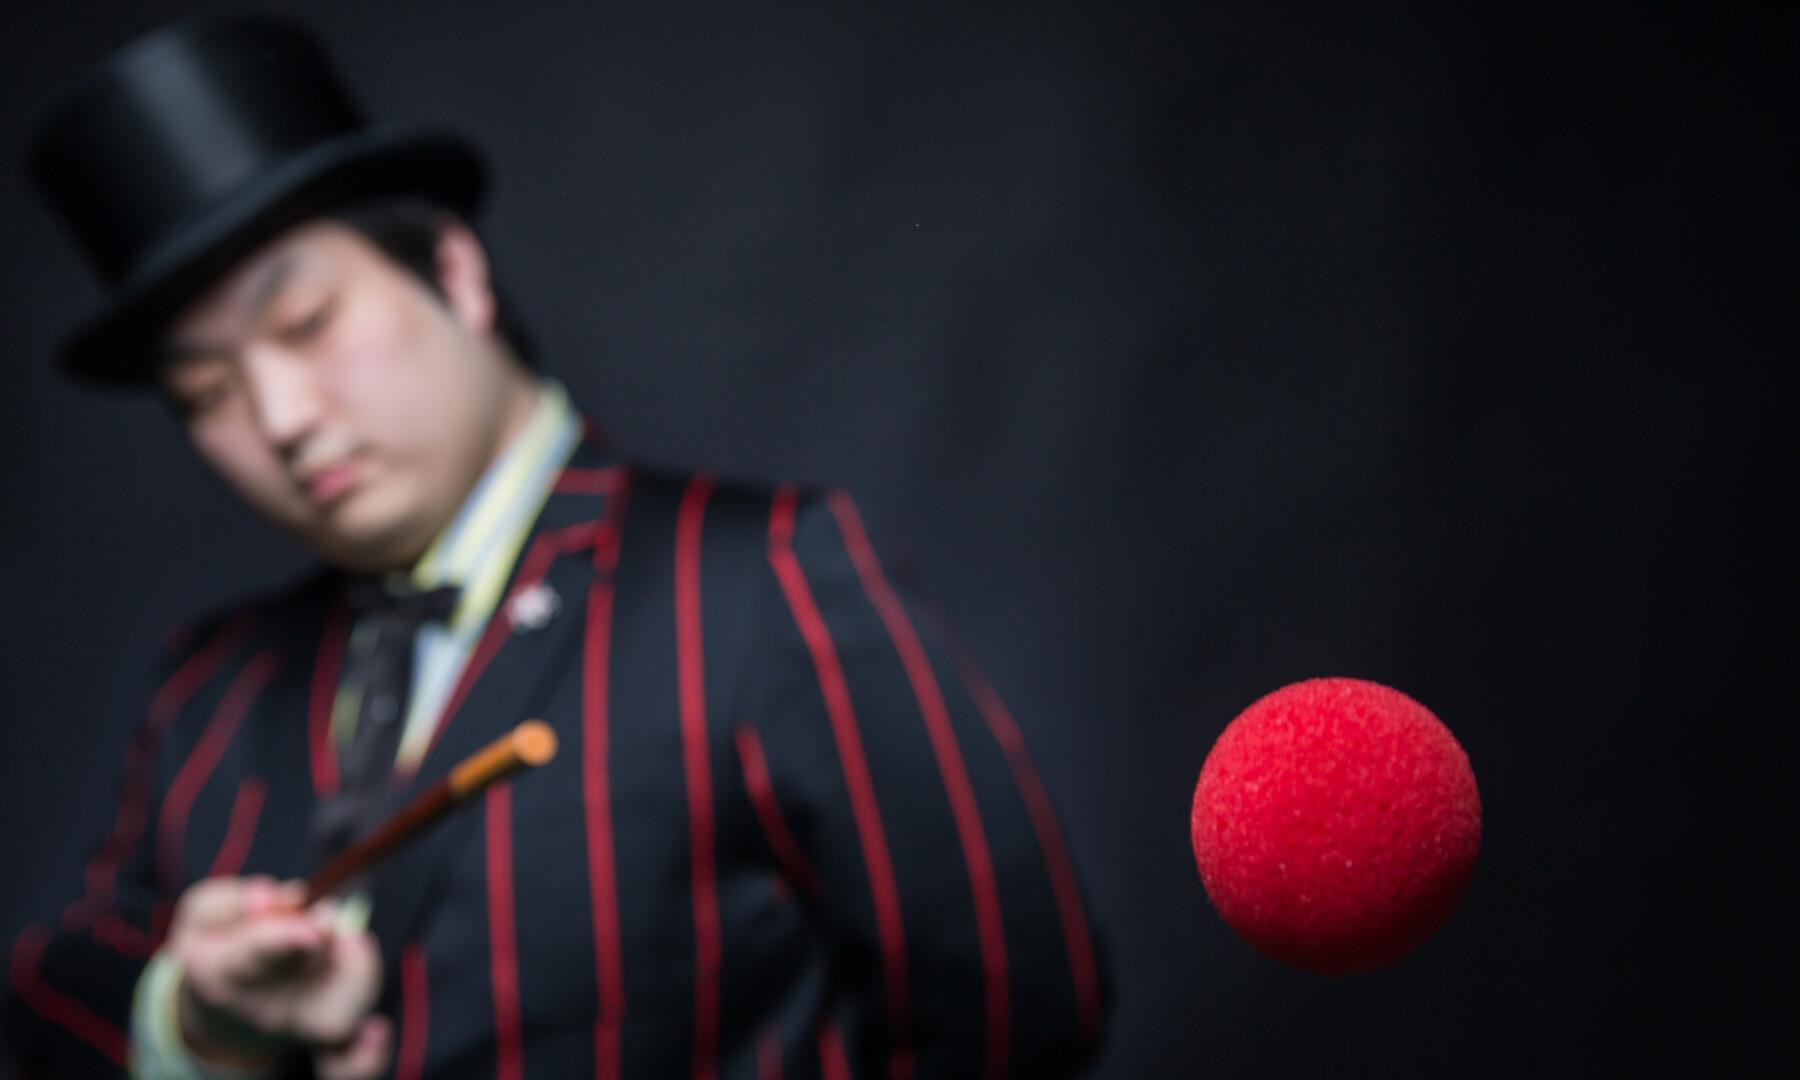 A magician performing a trick